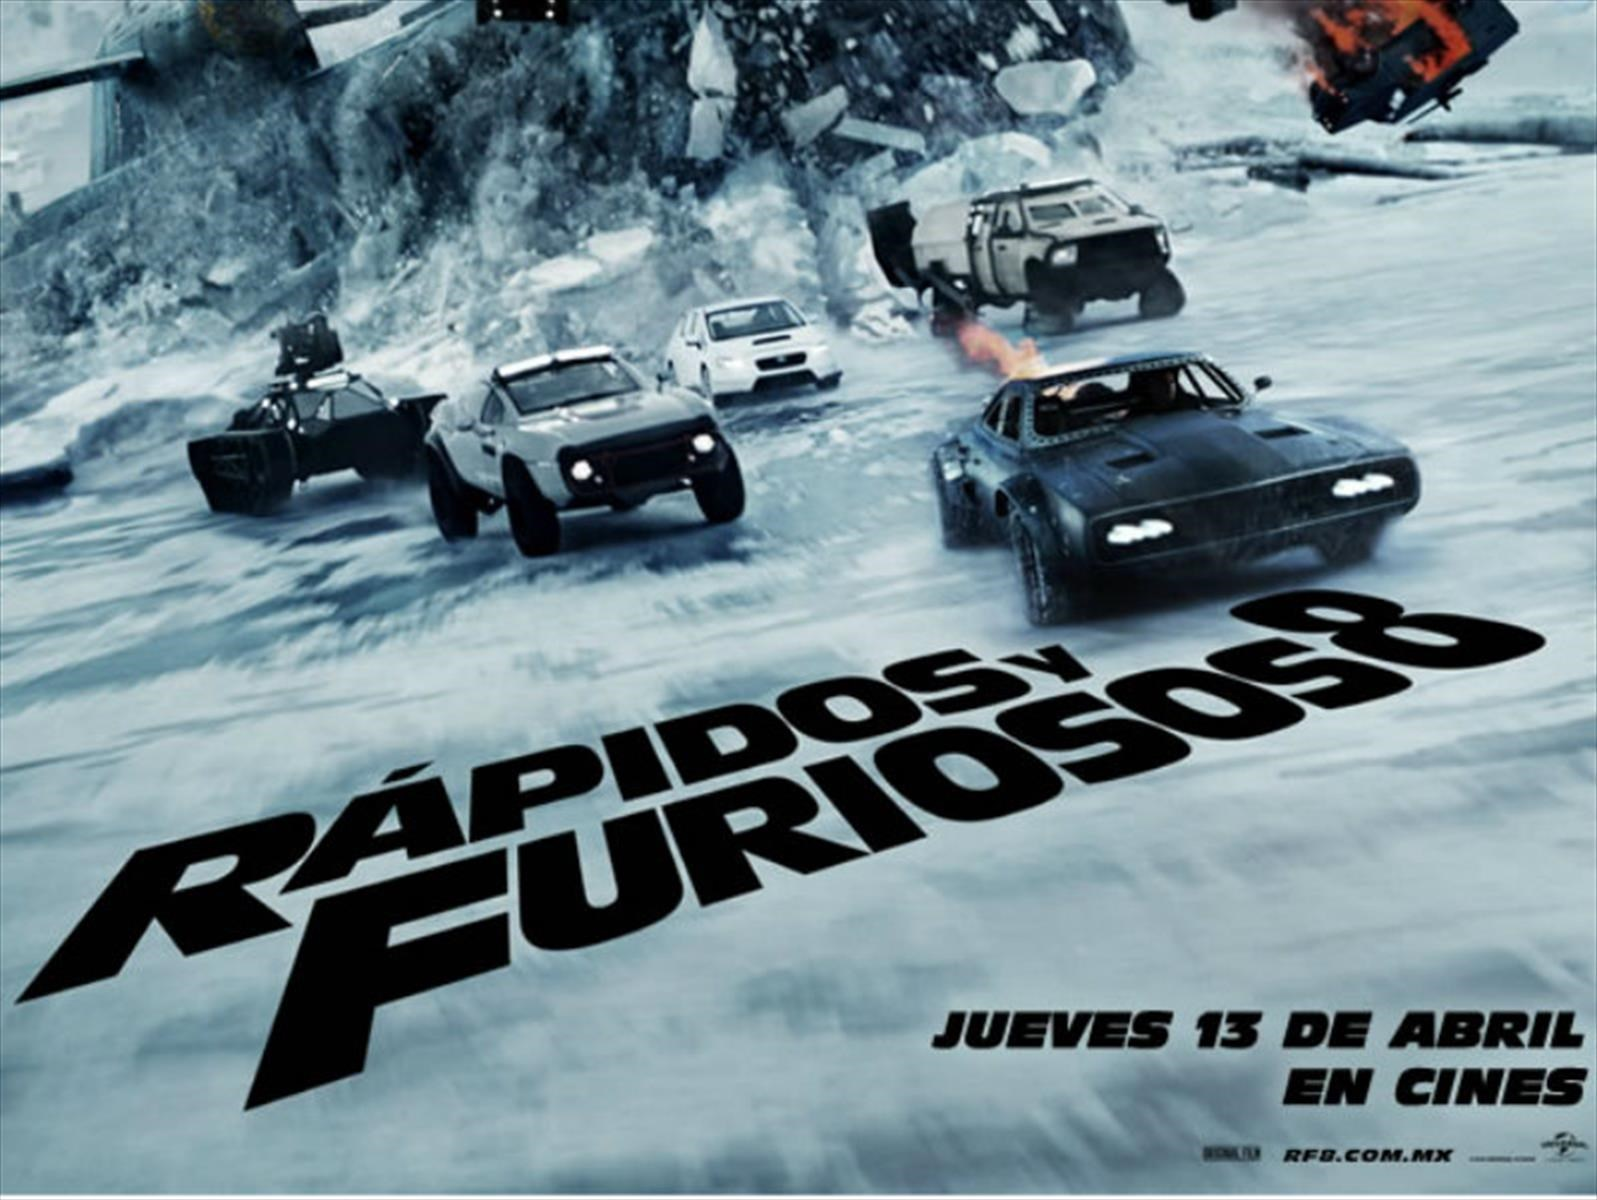 Rápidos y Furiosos 8, mucha velocidad en el cine